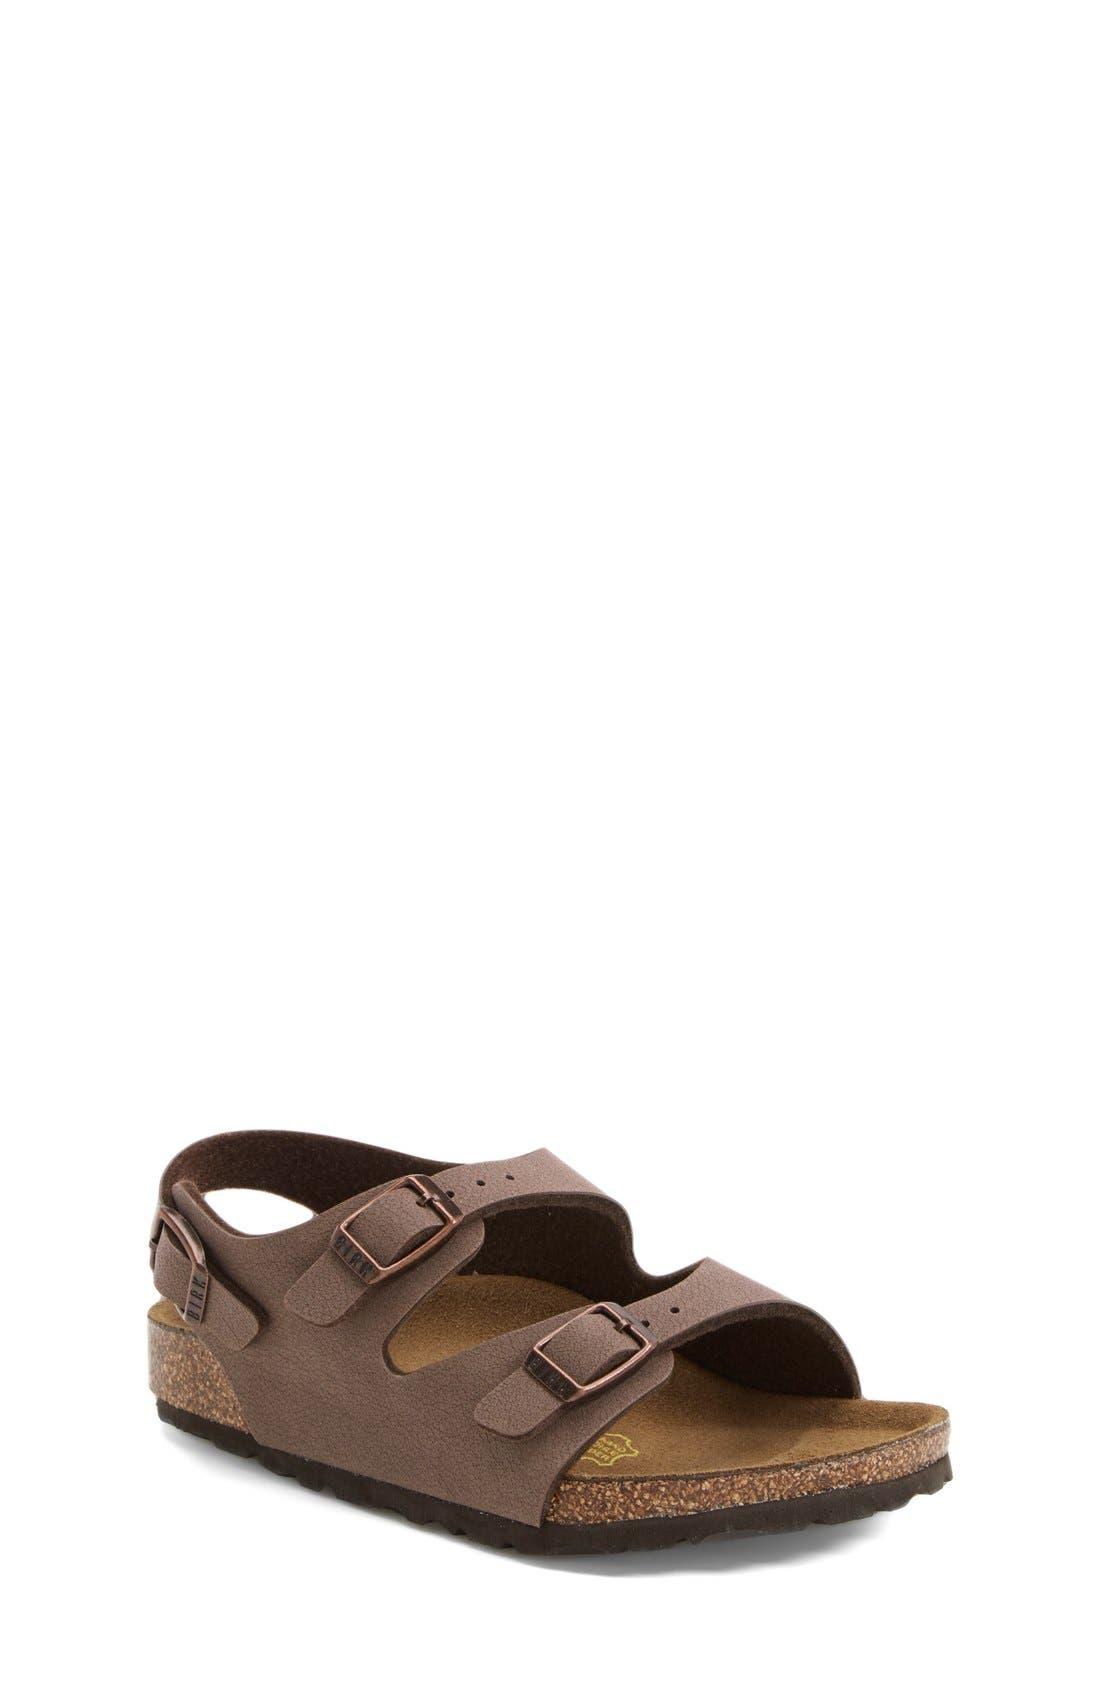 Main Image - Birkenstock 'Roma' Sandal (Walker, Toddler & Little Kid)